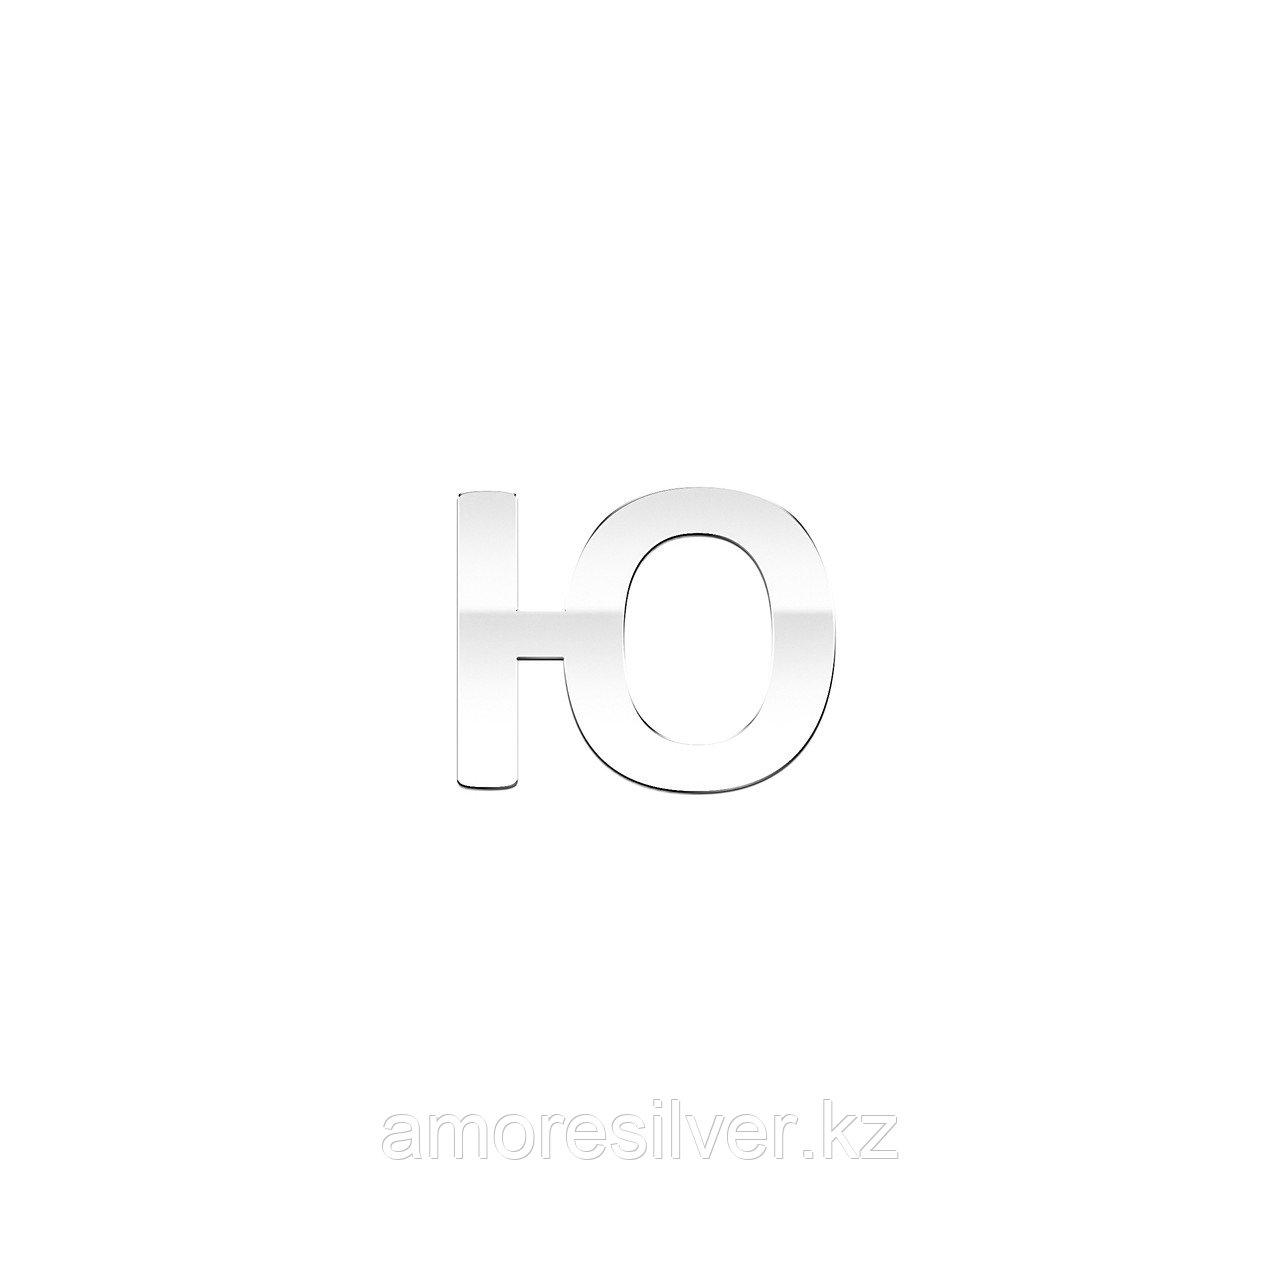 Подвеска TEOSA серебро с родием, буква 10320-711-00